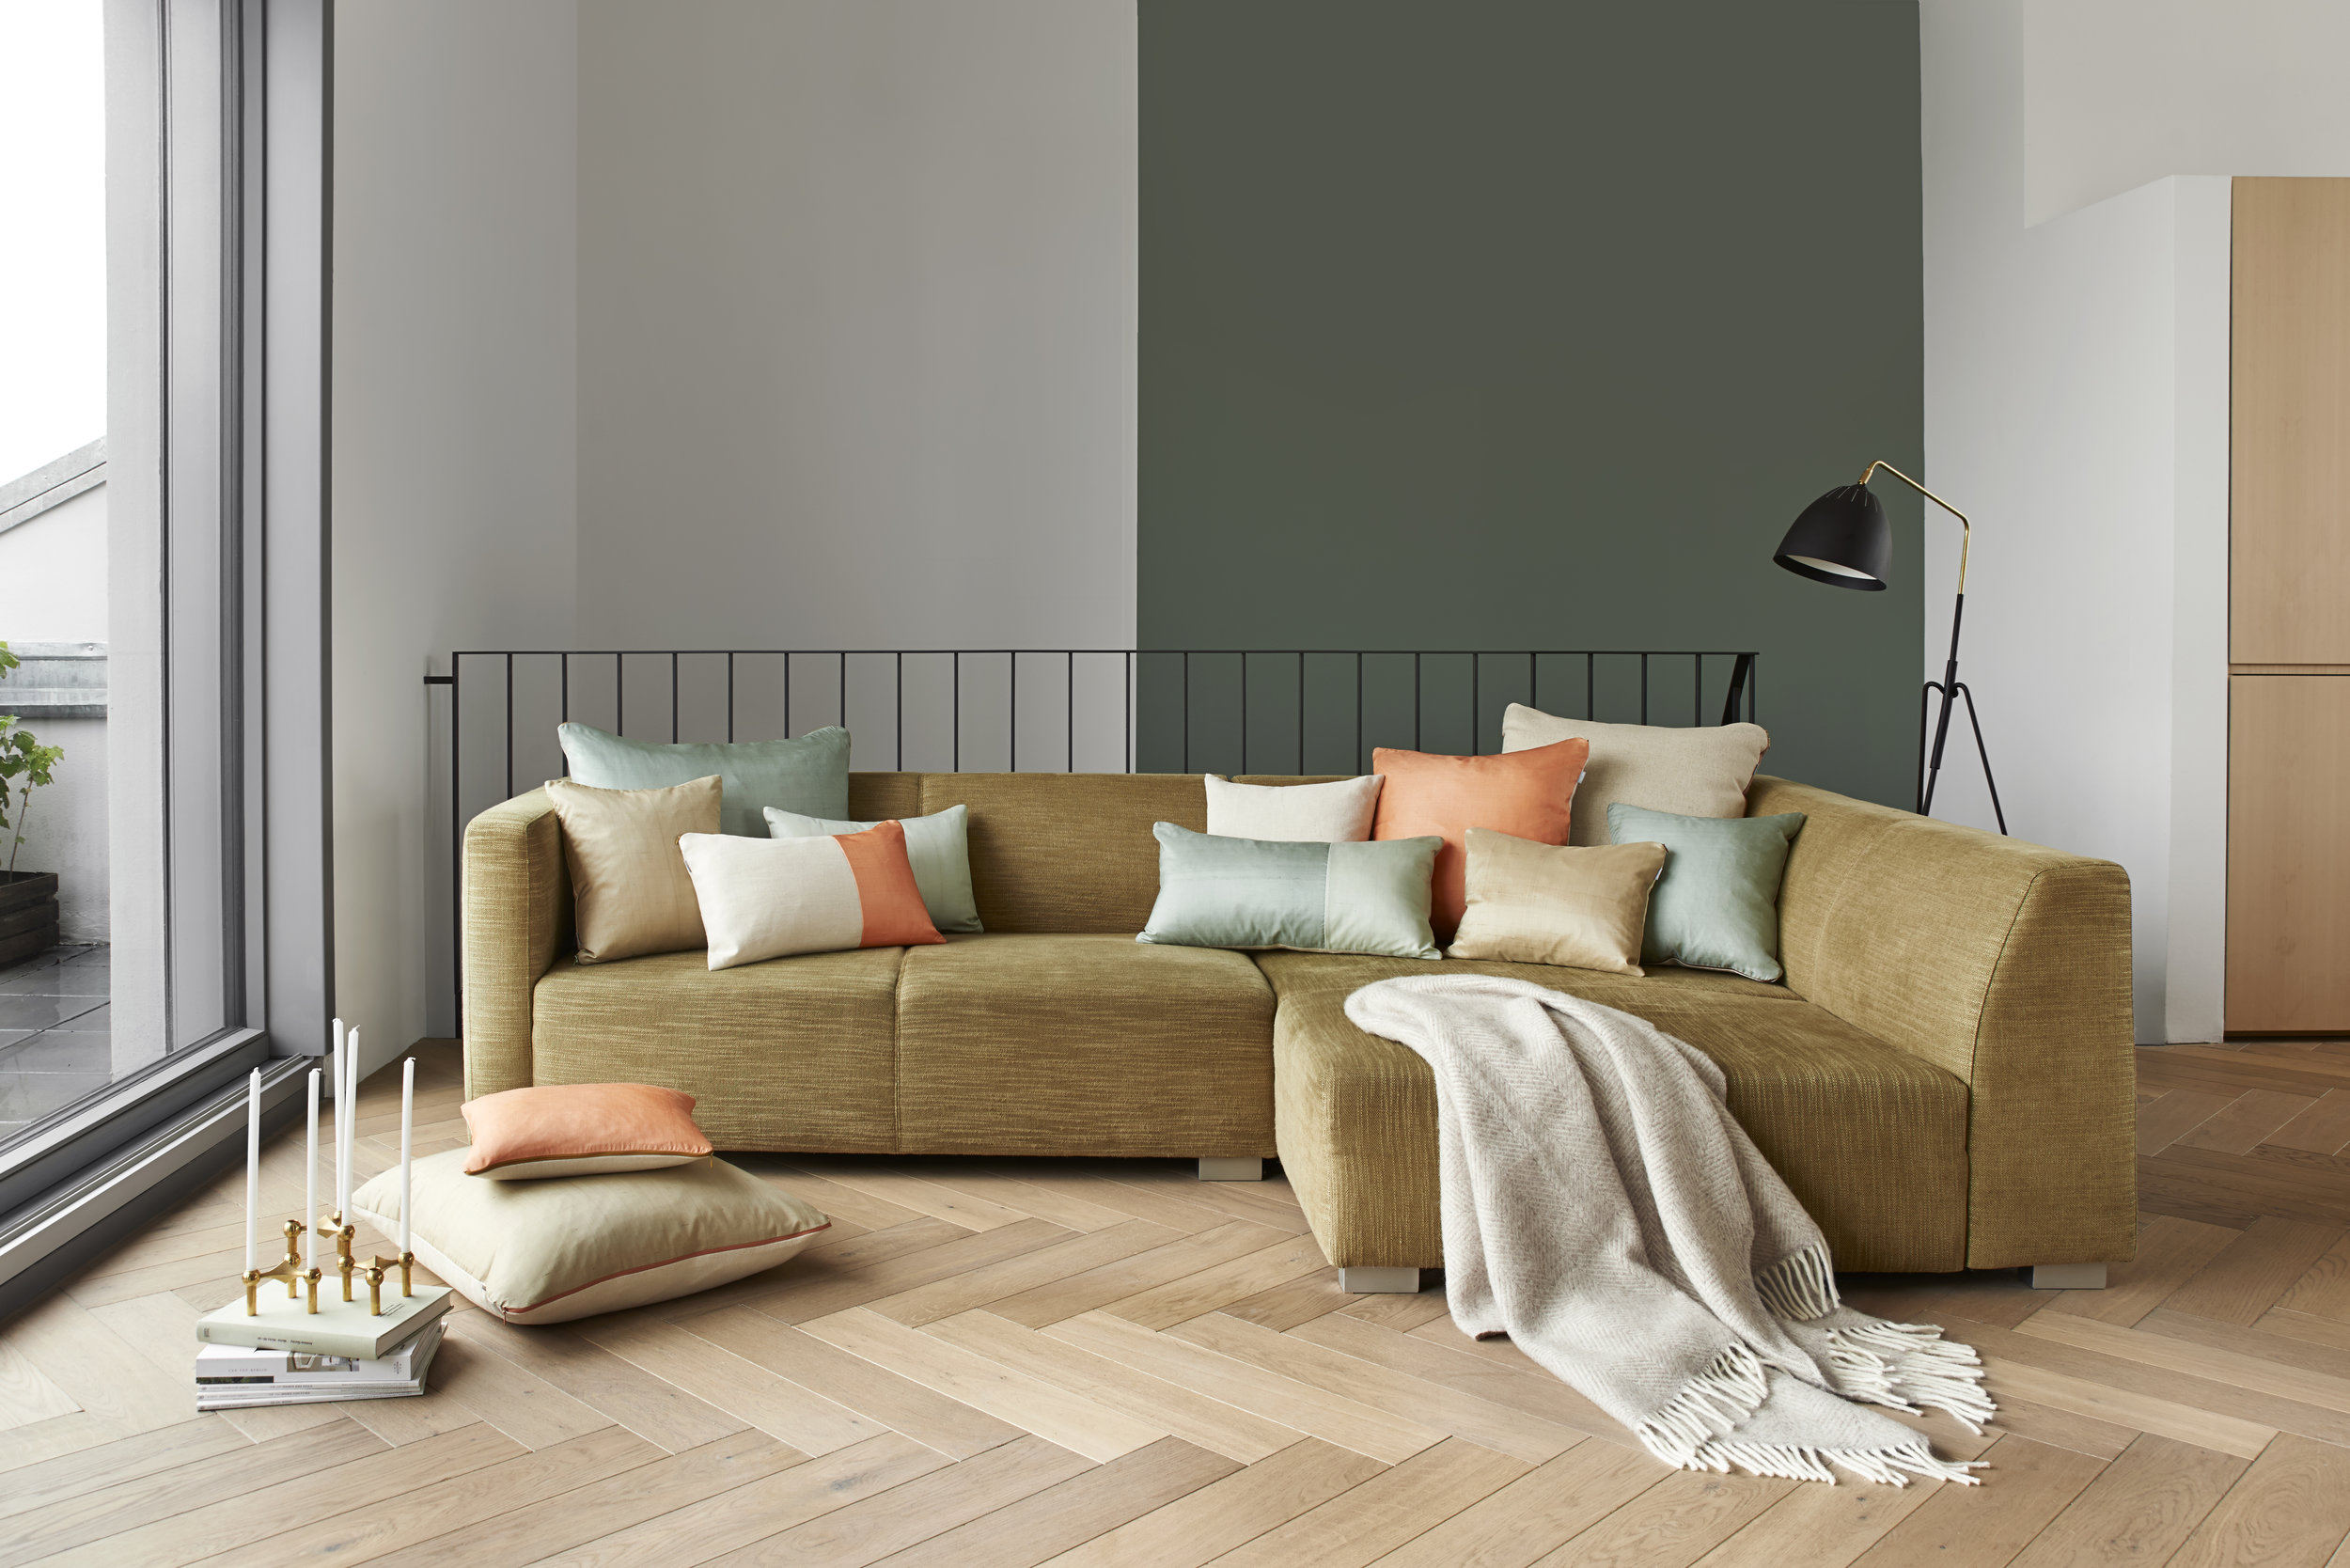 HETTI.3_Living_room_Foto_by_Julia_Keltsch.jpg